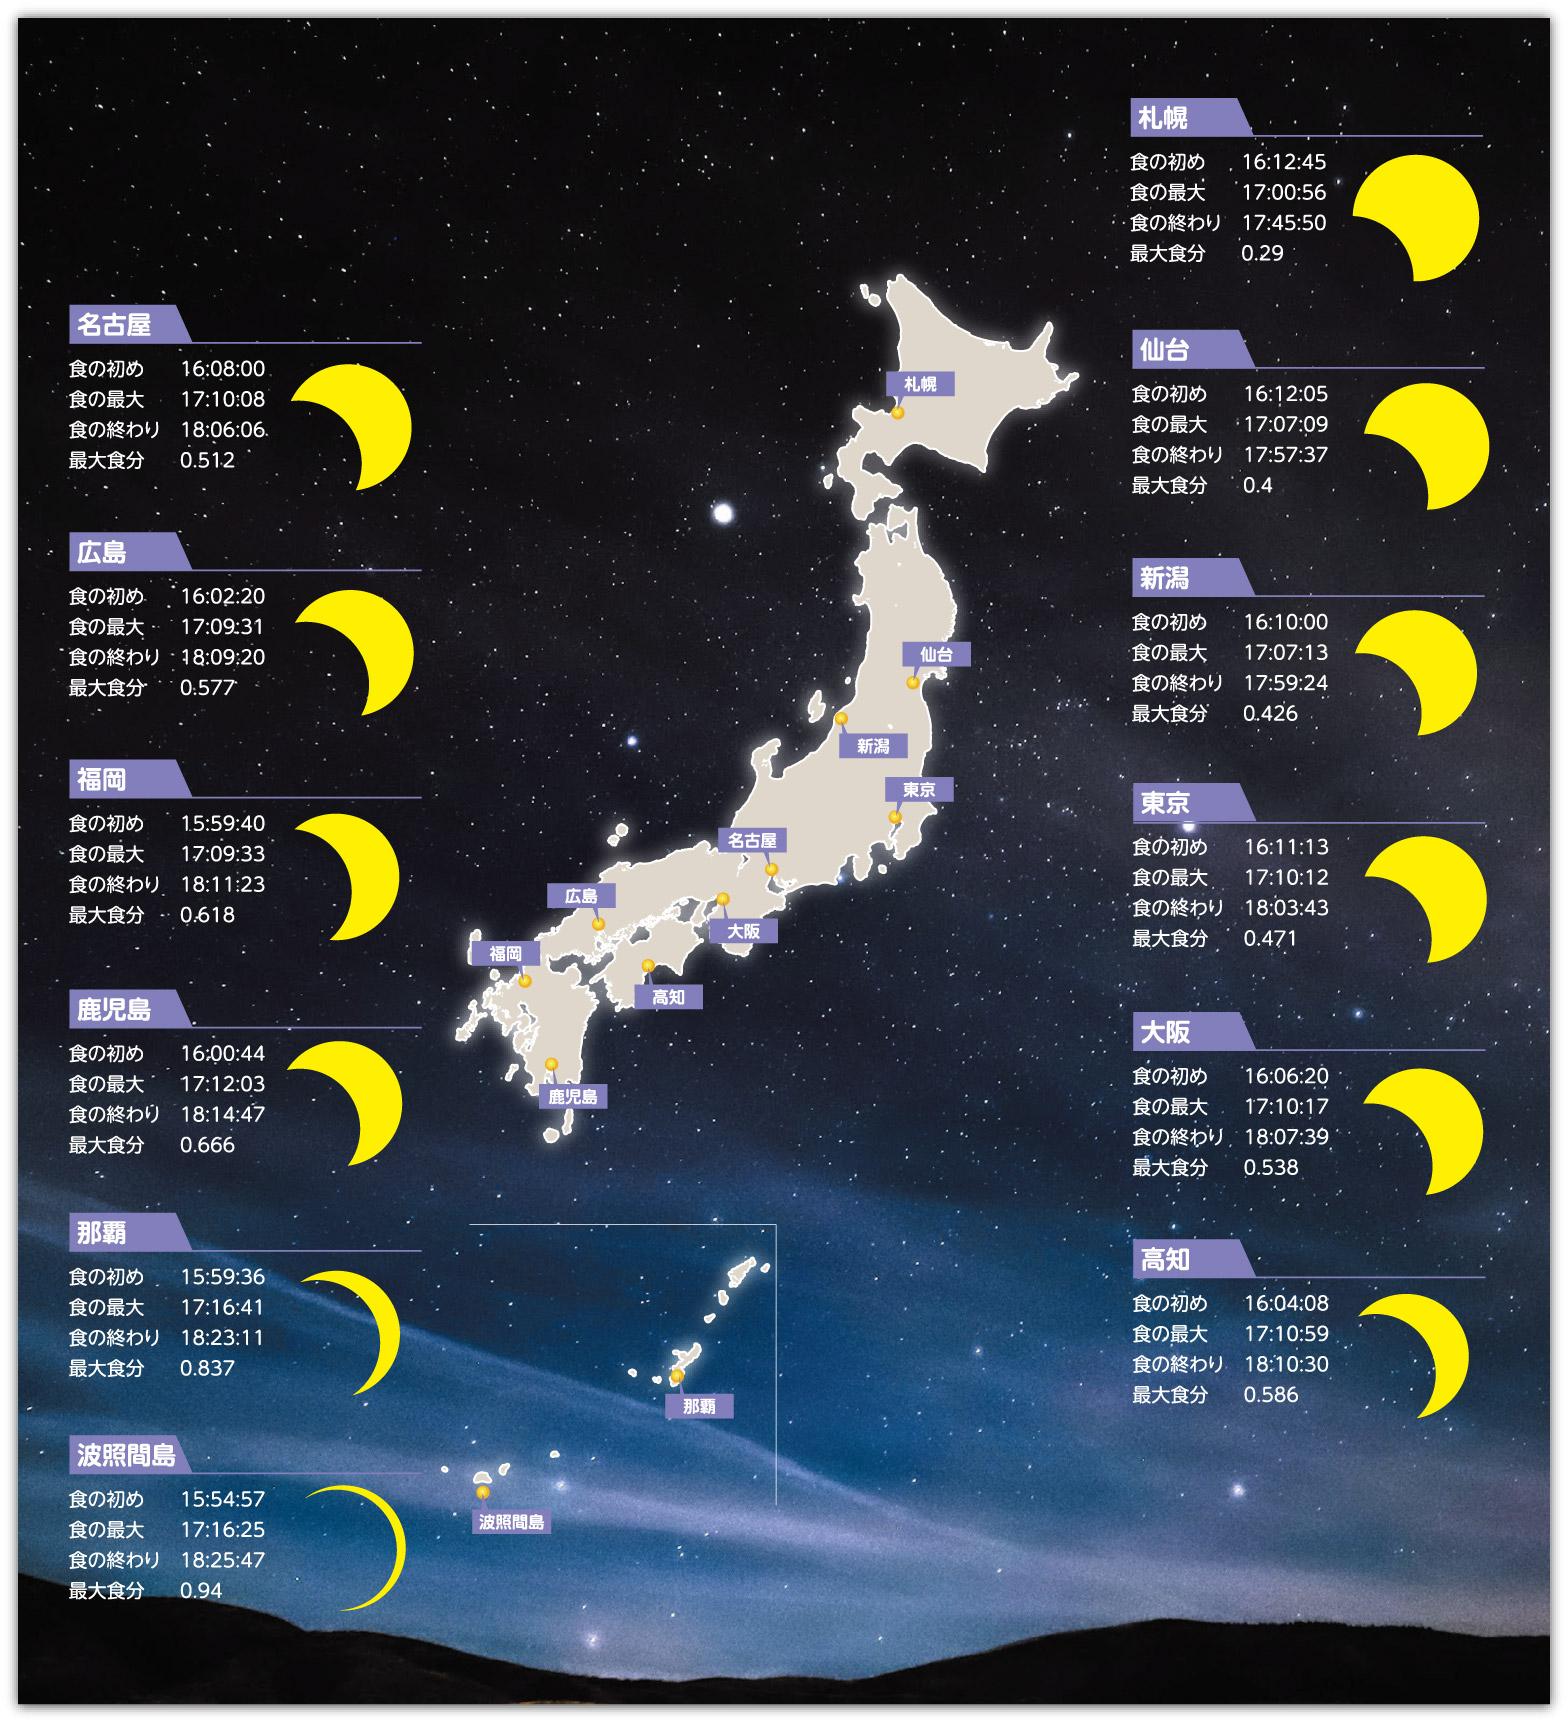 日 食 日 月 6 21